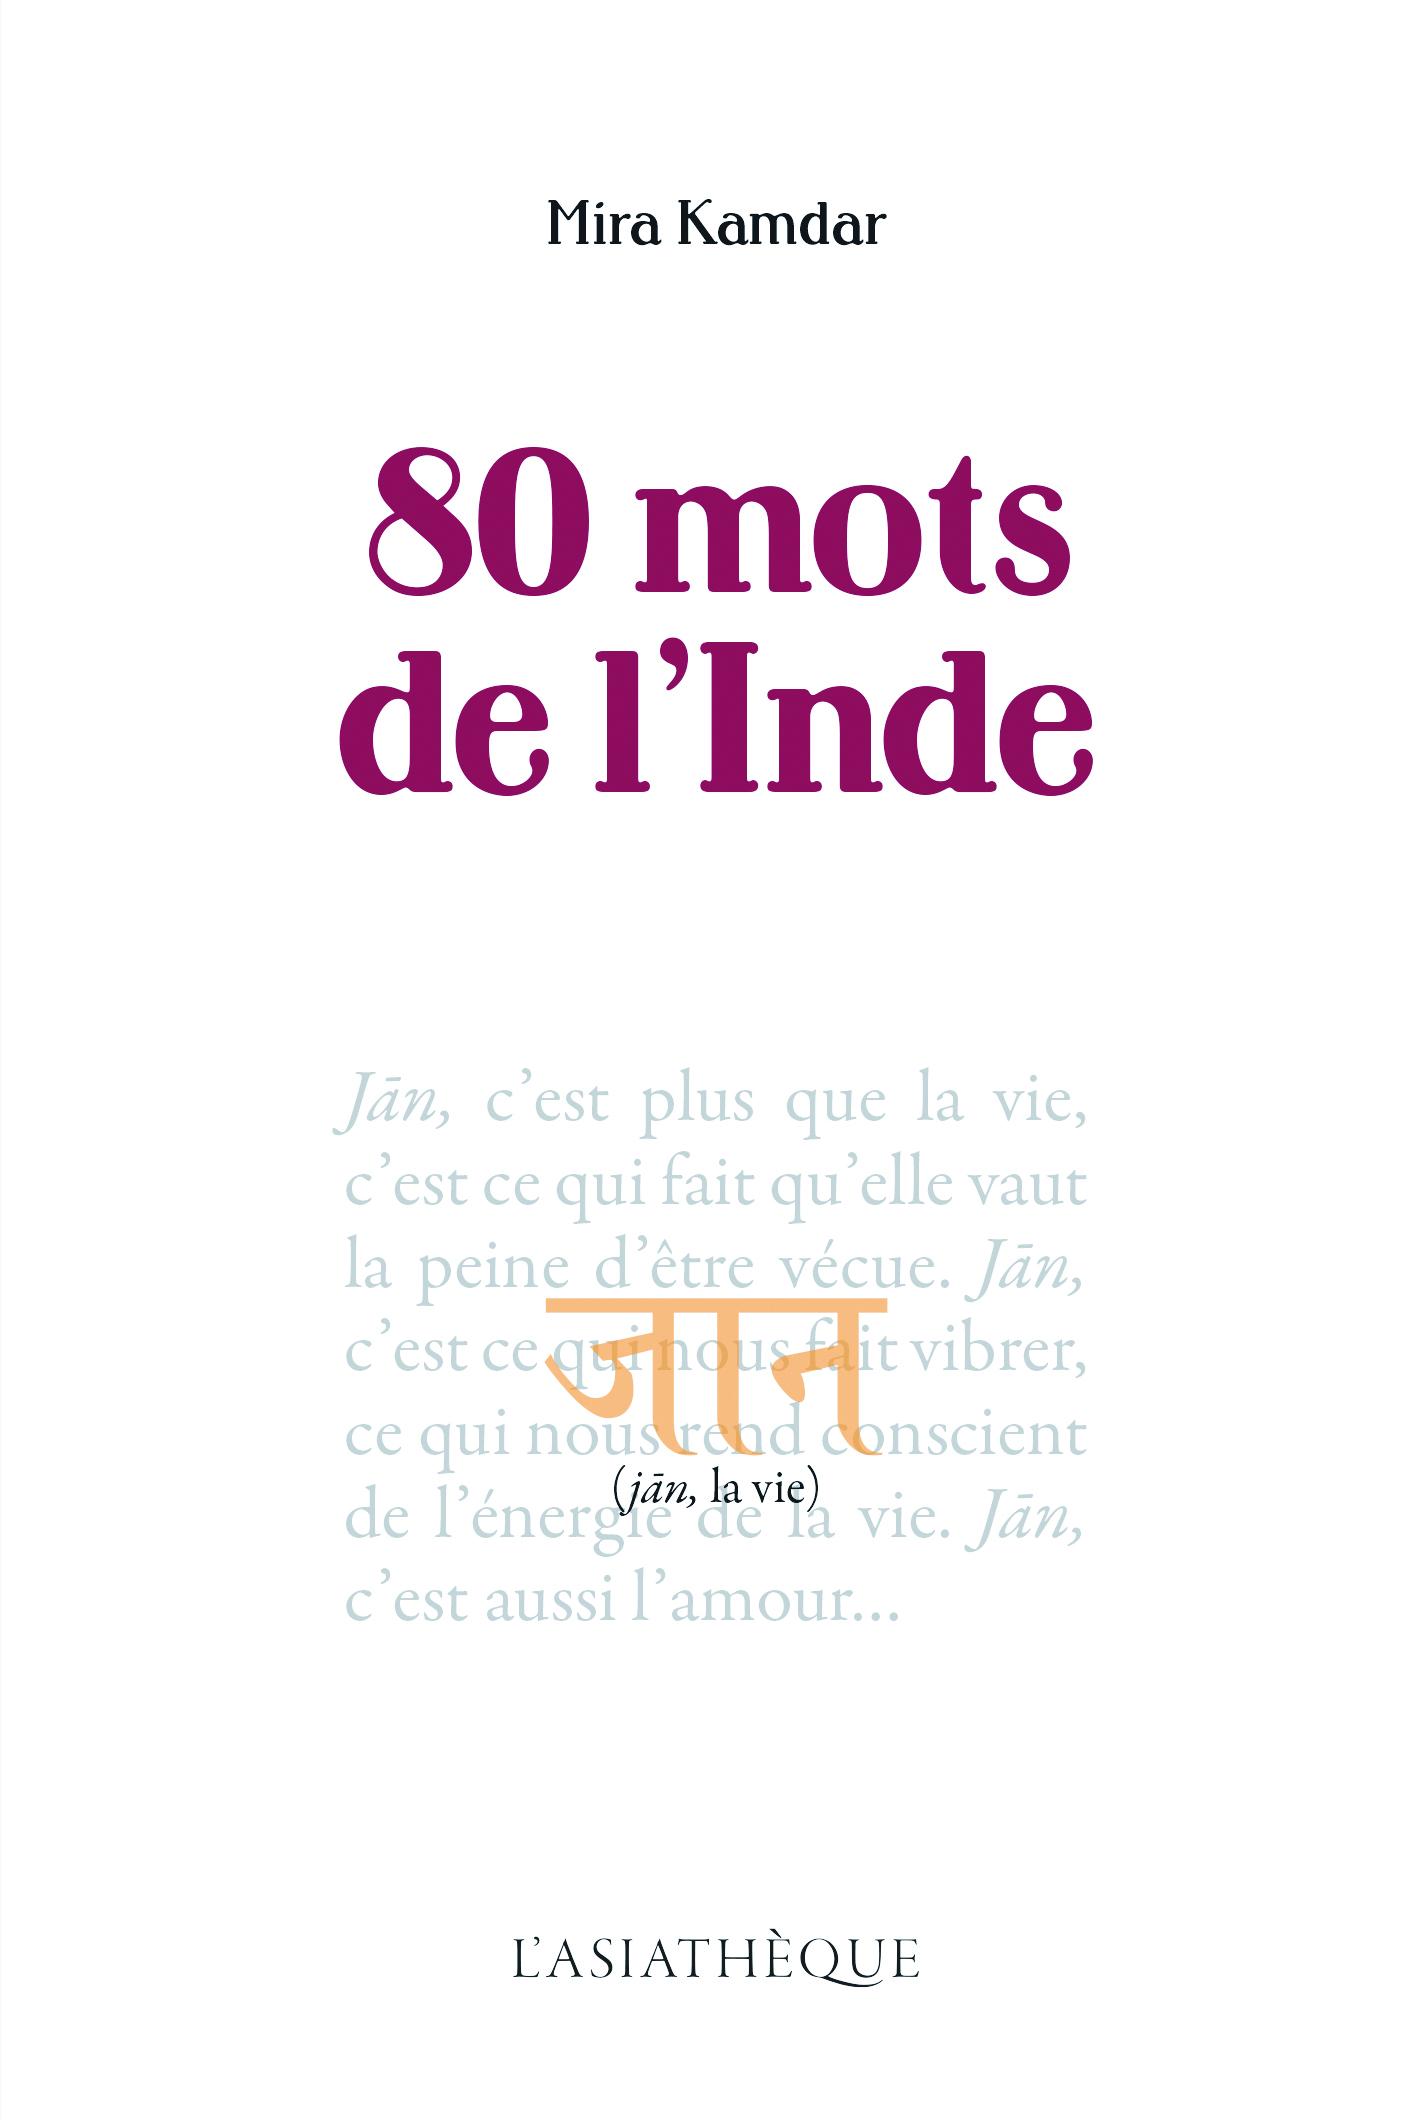 80 MOTS DE L'INDE